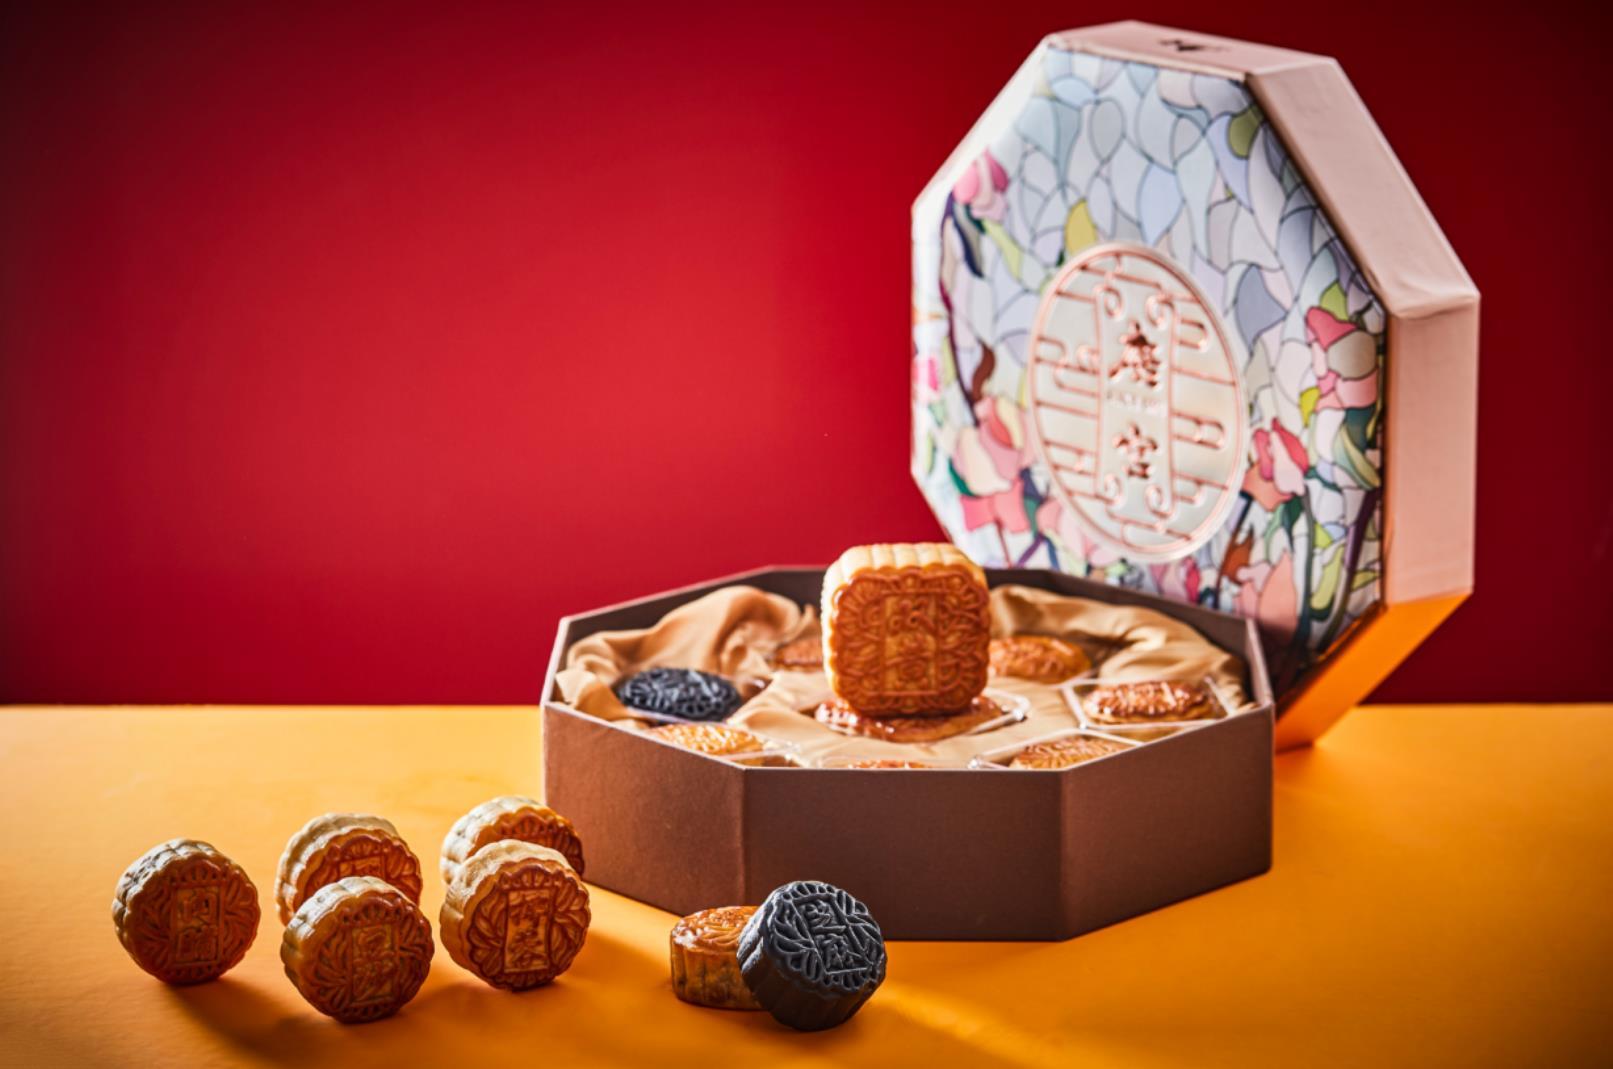 恪守港式月饼的传统工艺,2020年唐宫月饼率先启动上市